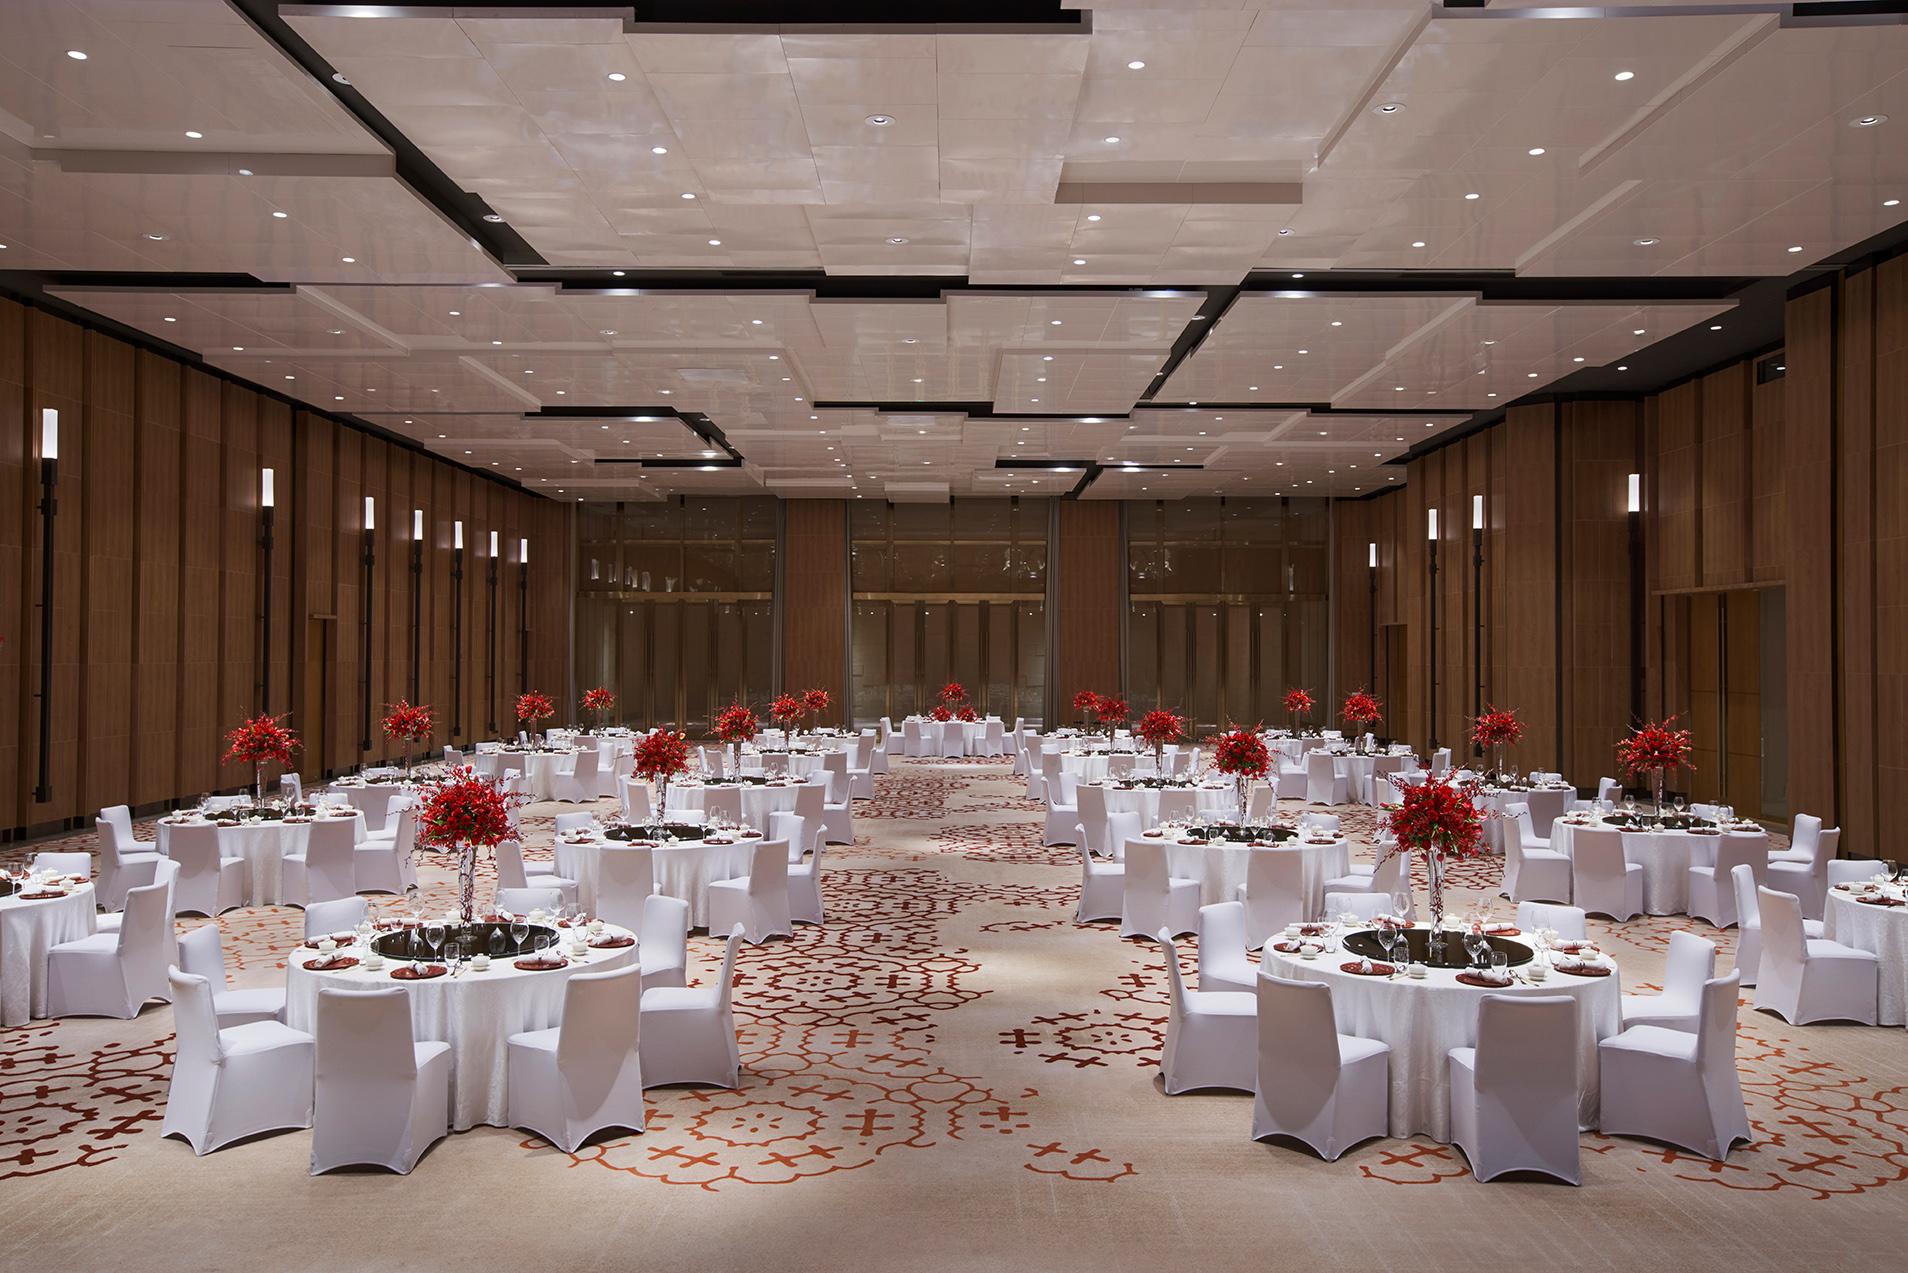 深圳机场凯悦酒店婚宴预订